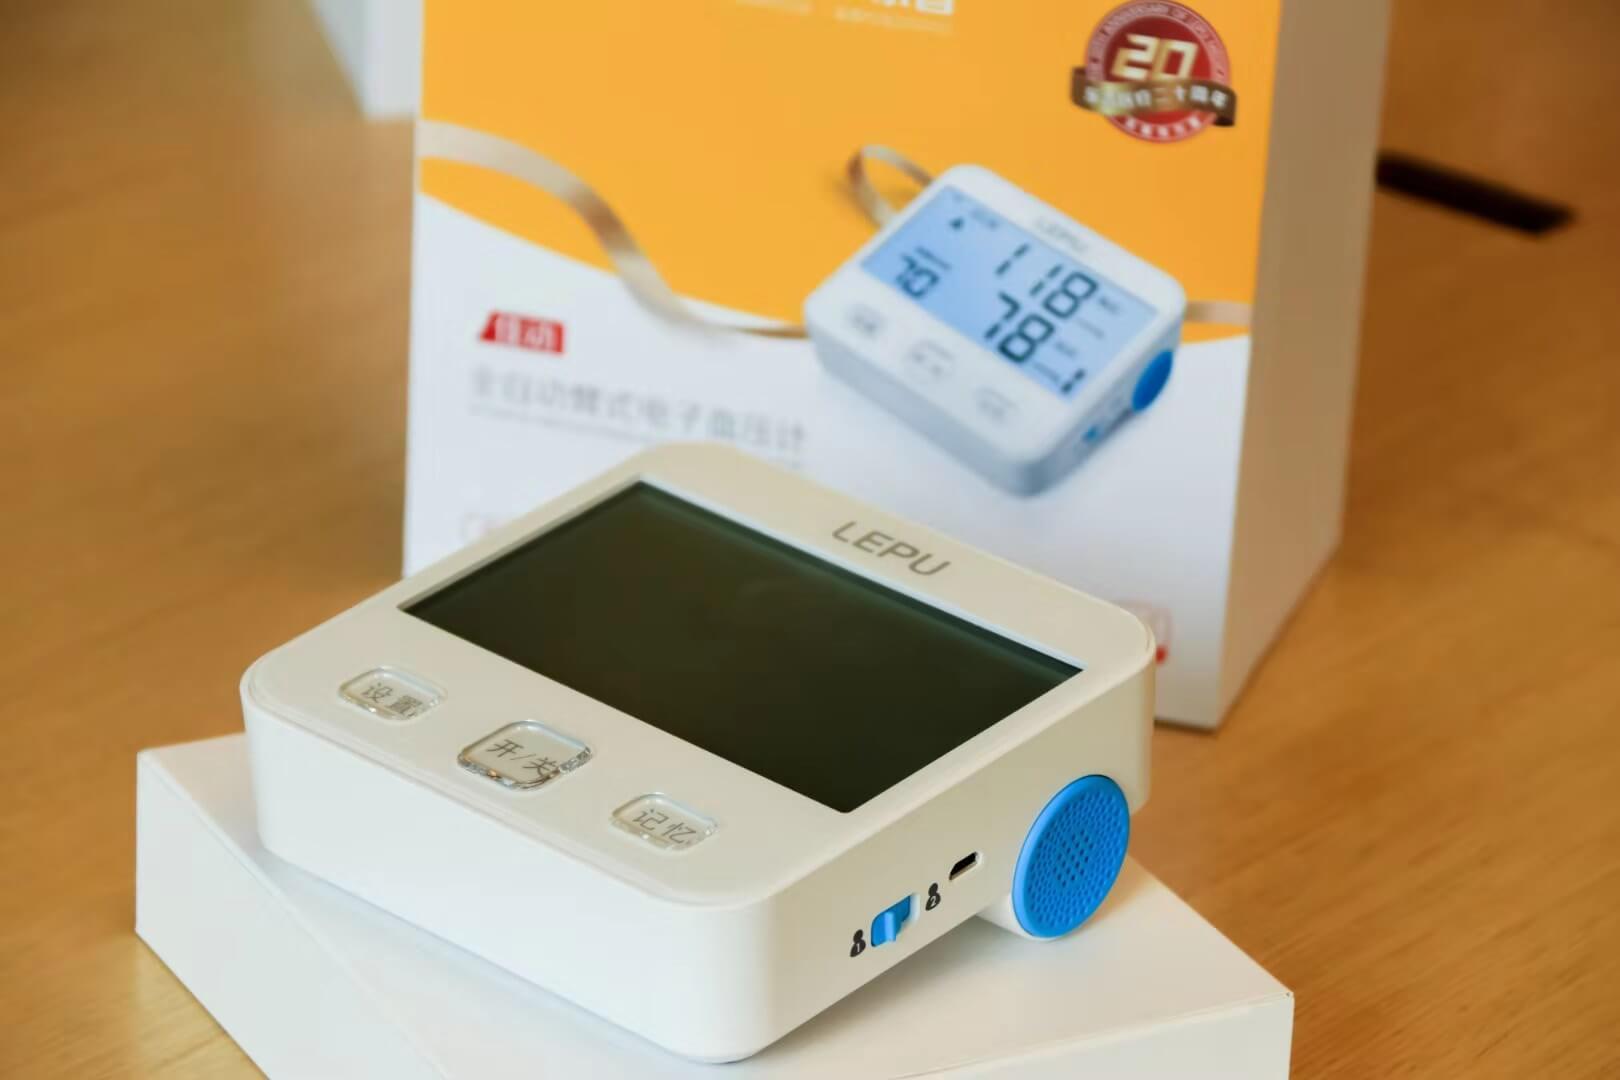 血压监护仪-乐普血压计怎么样-乐普电子血压计